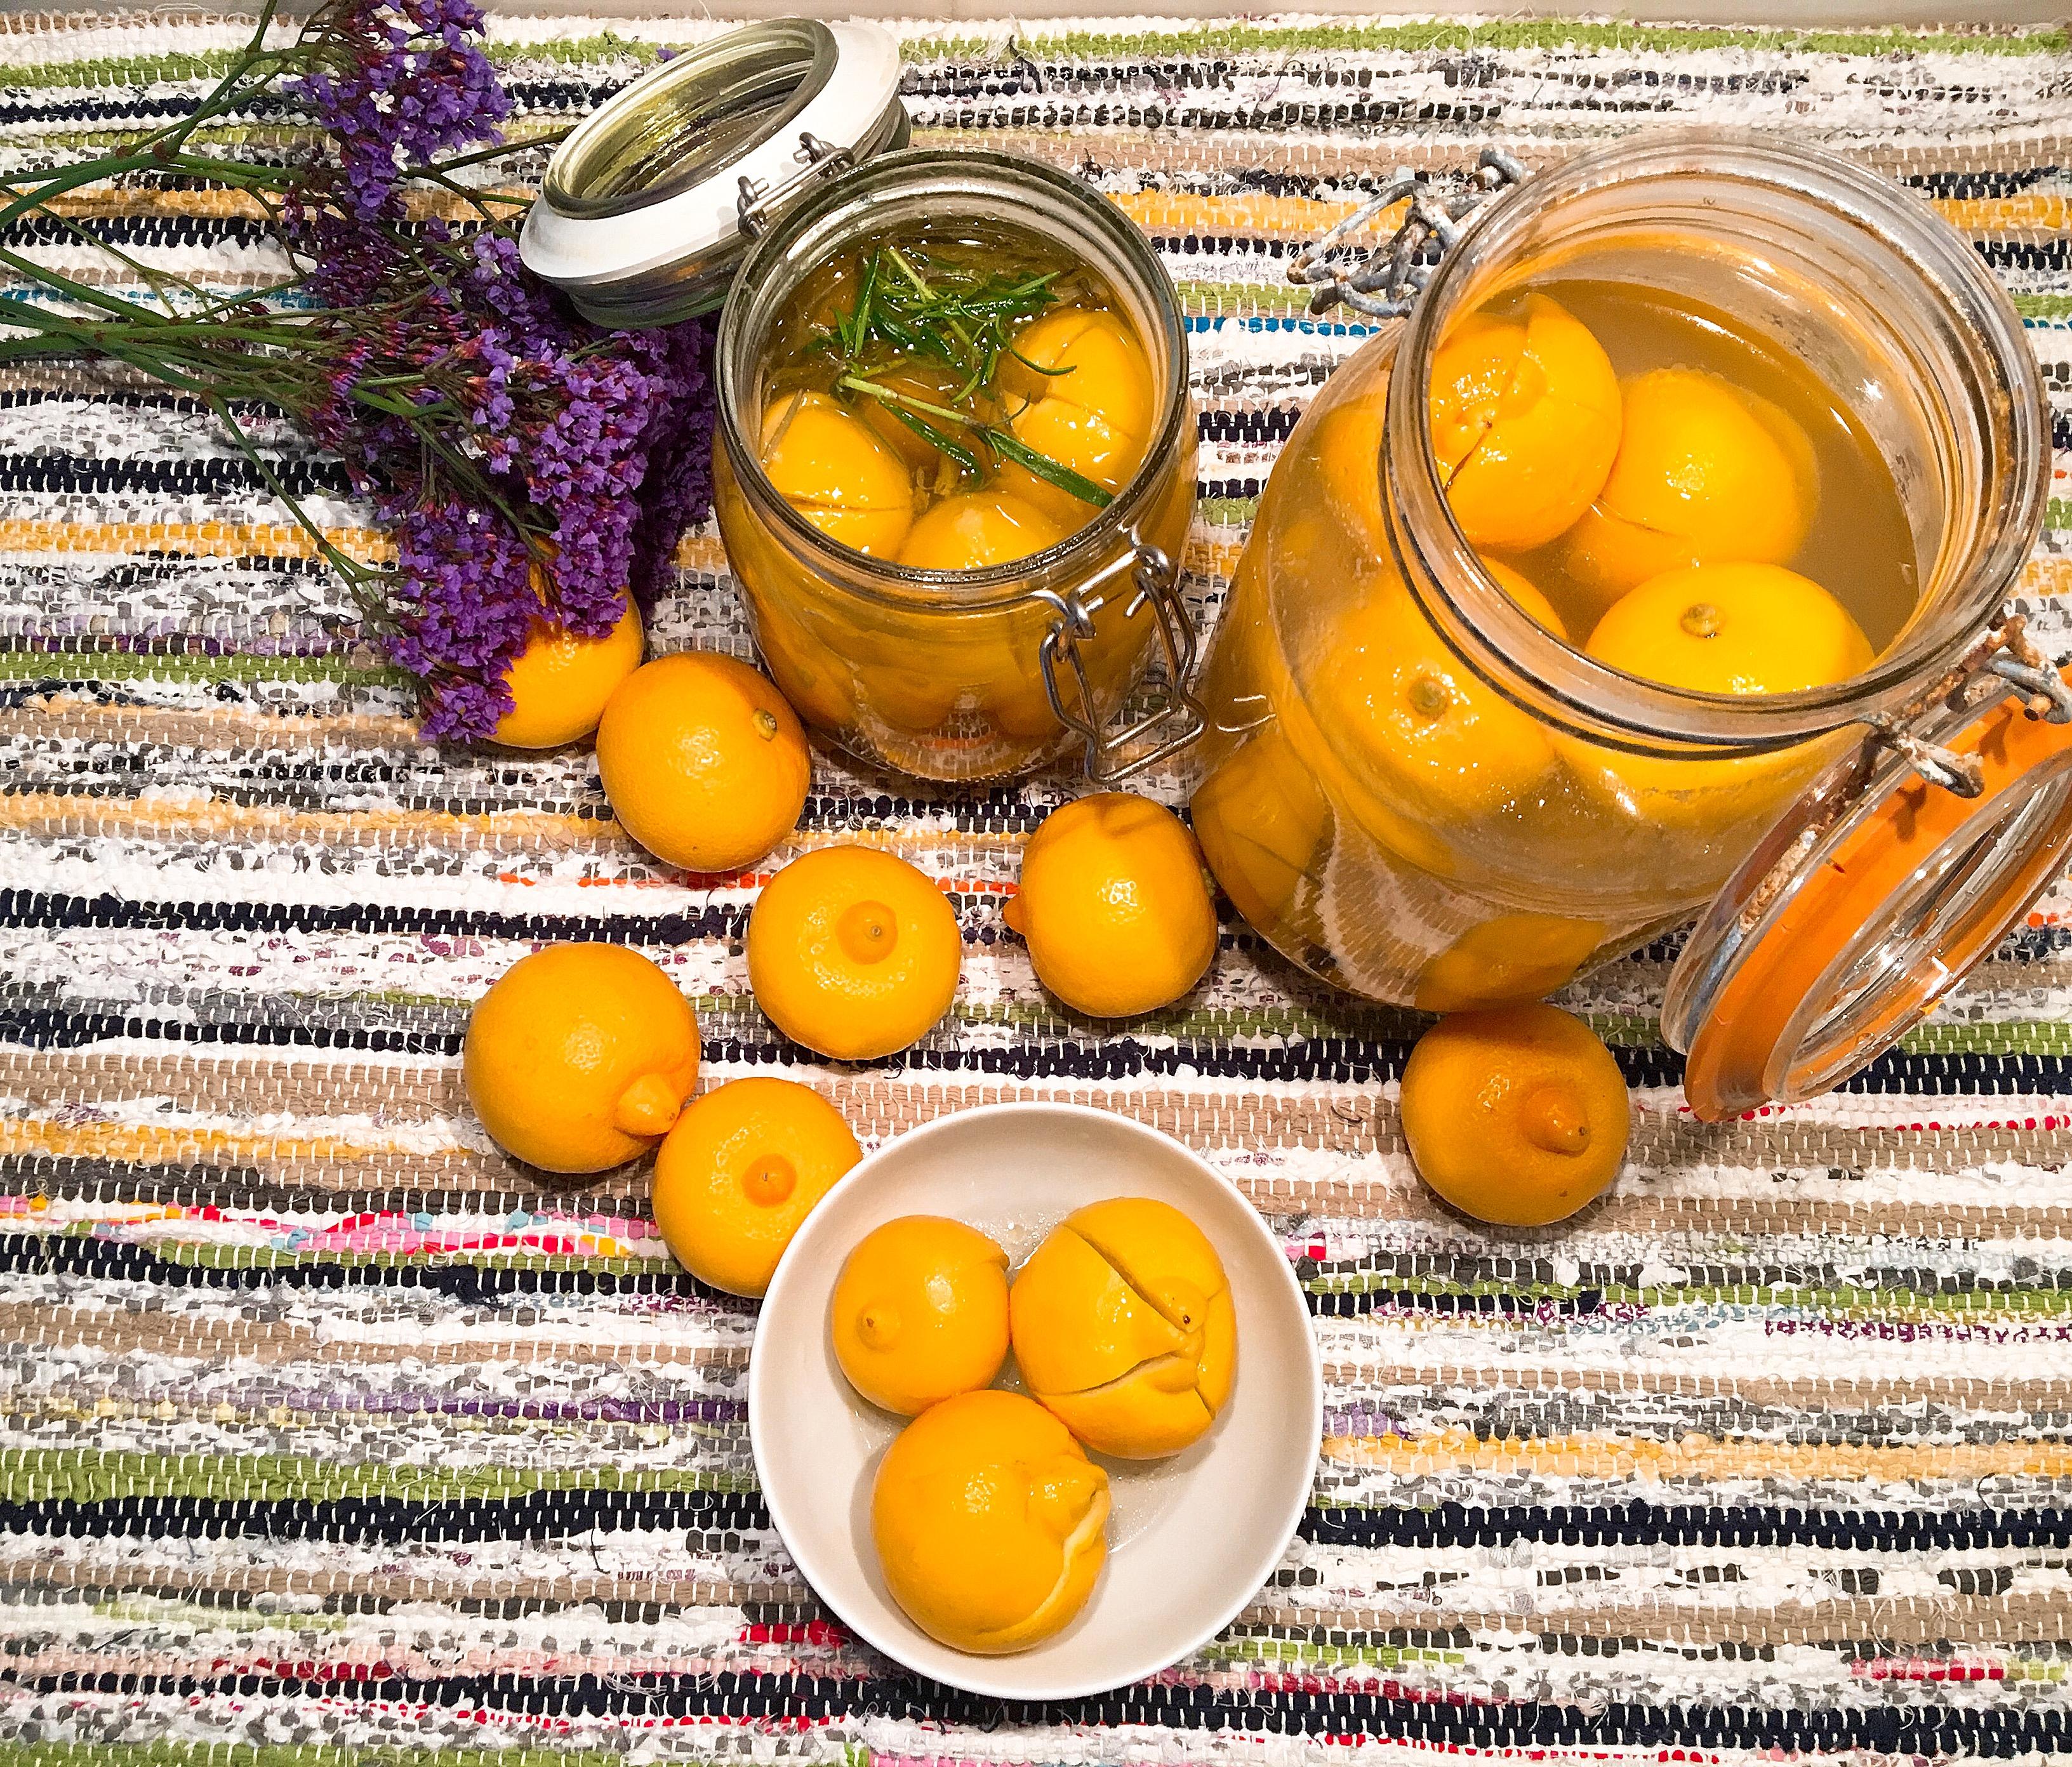 Citrons confits à la marocaine